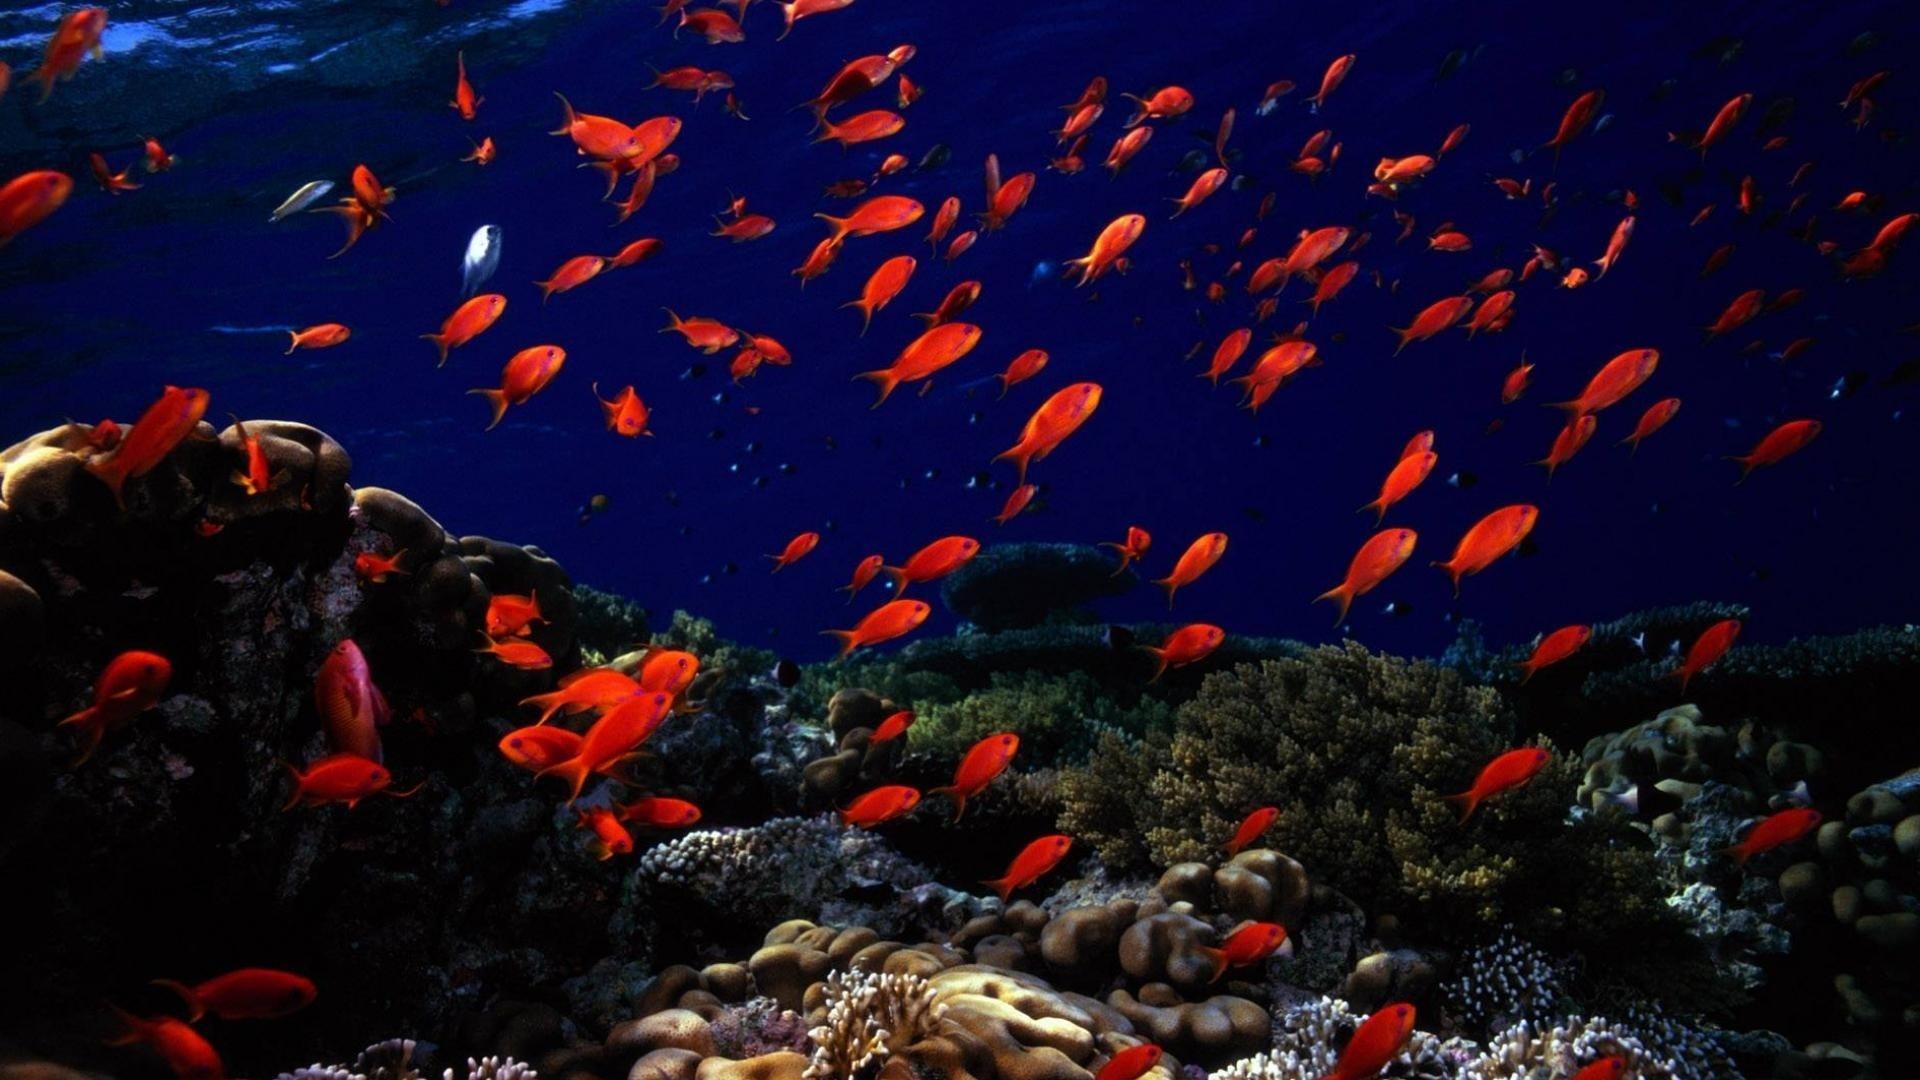 покрытие картинки на рабочий стол подводный мир океана своими